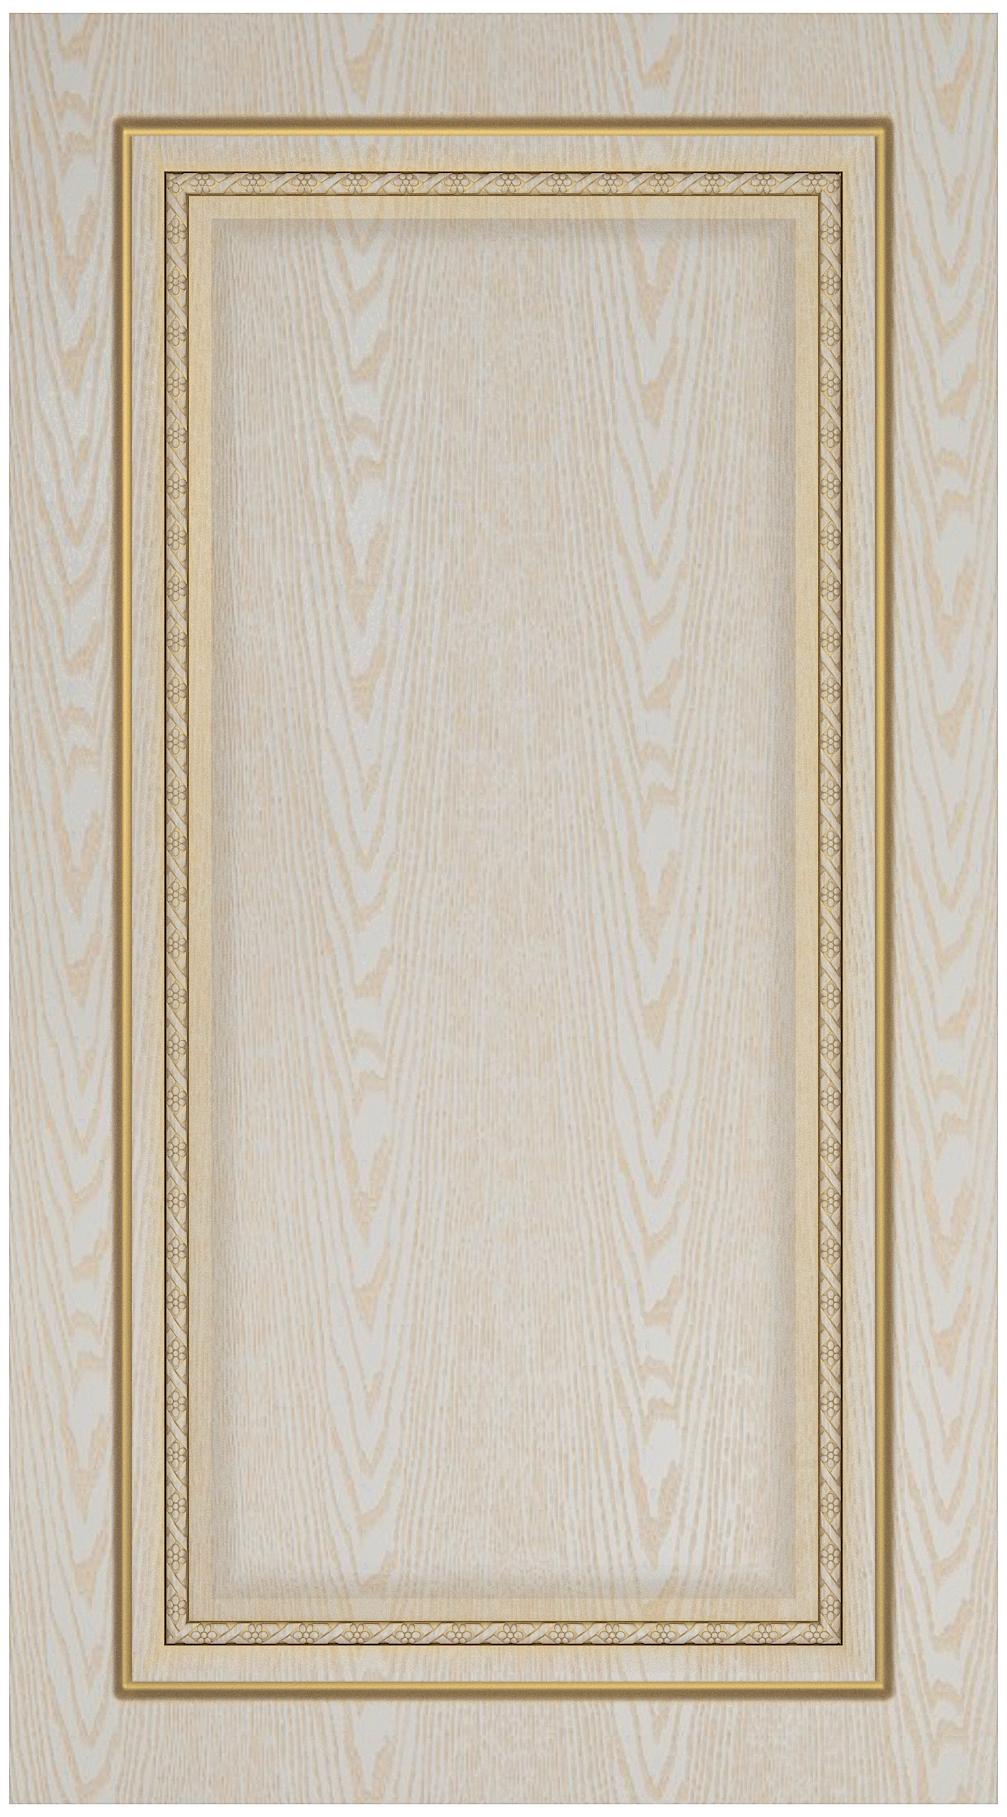 Фасады в пленке ПВХ патинированные, Фрезеровка 51, цвет золотое дерево